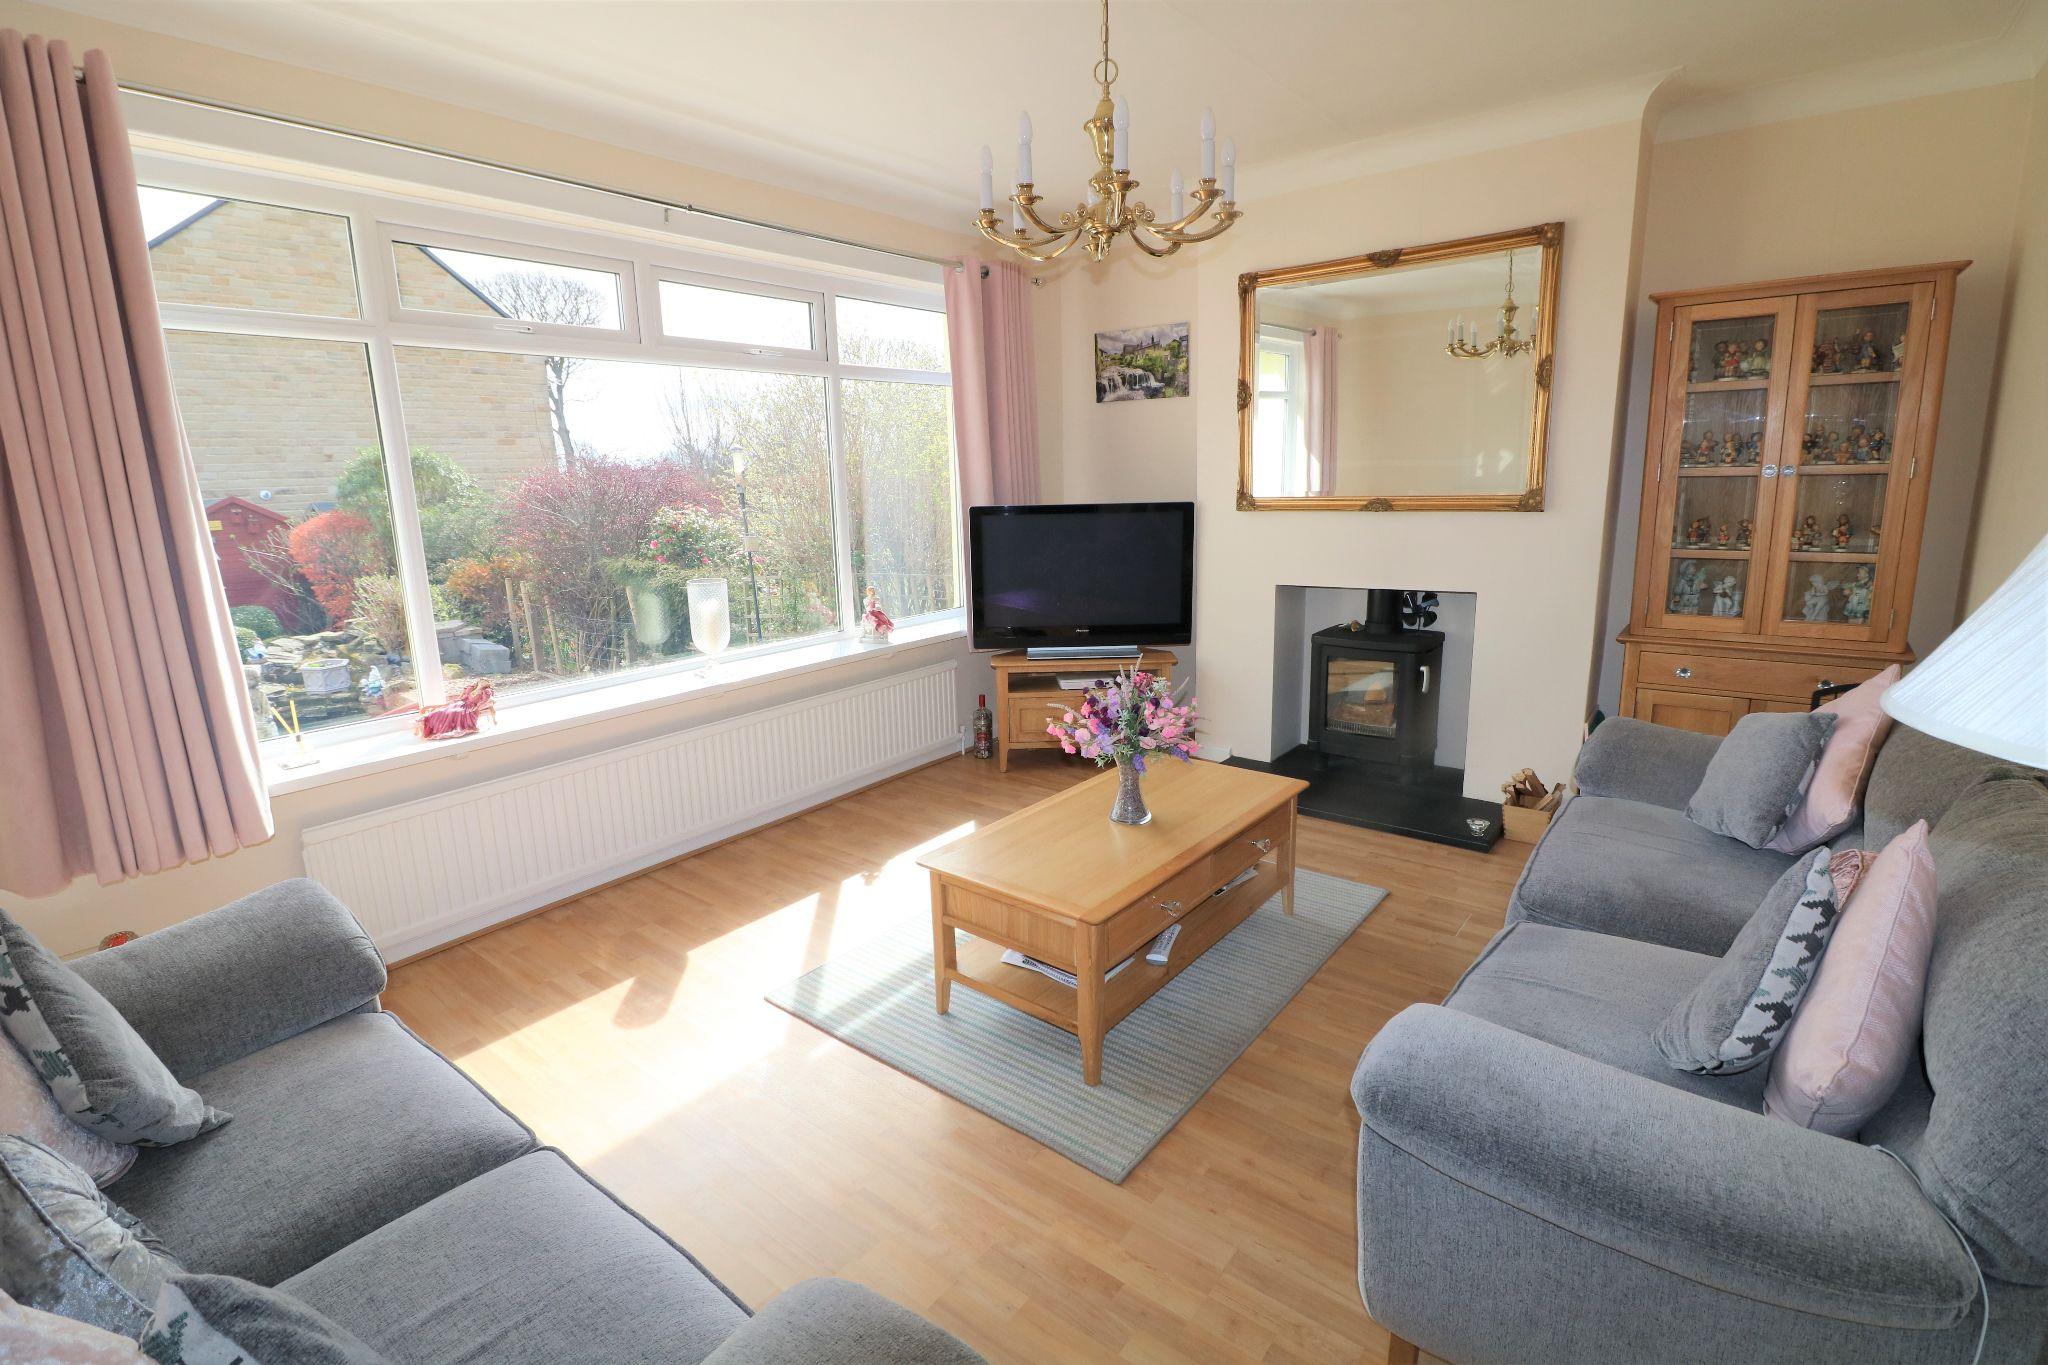 2 Bedroom Semi-detached Bungalow For Sale - Photograph 4